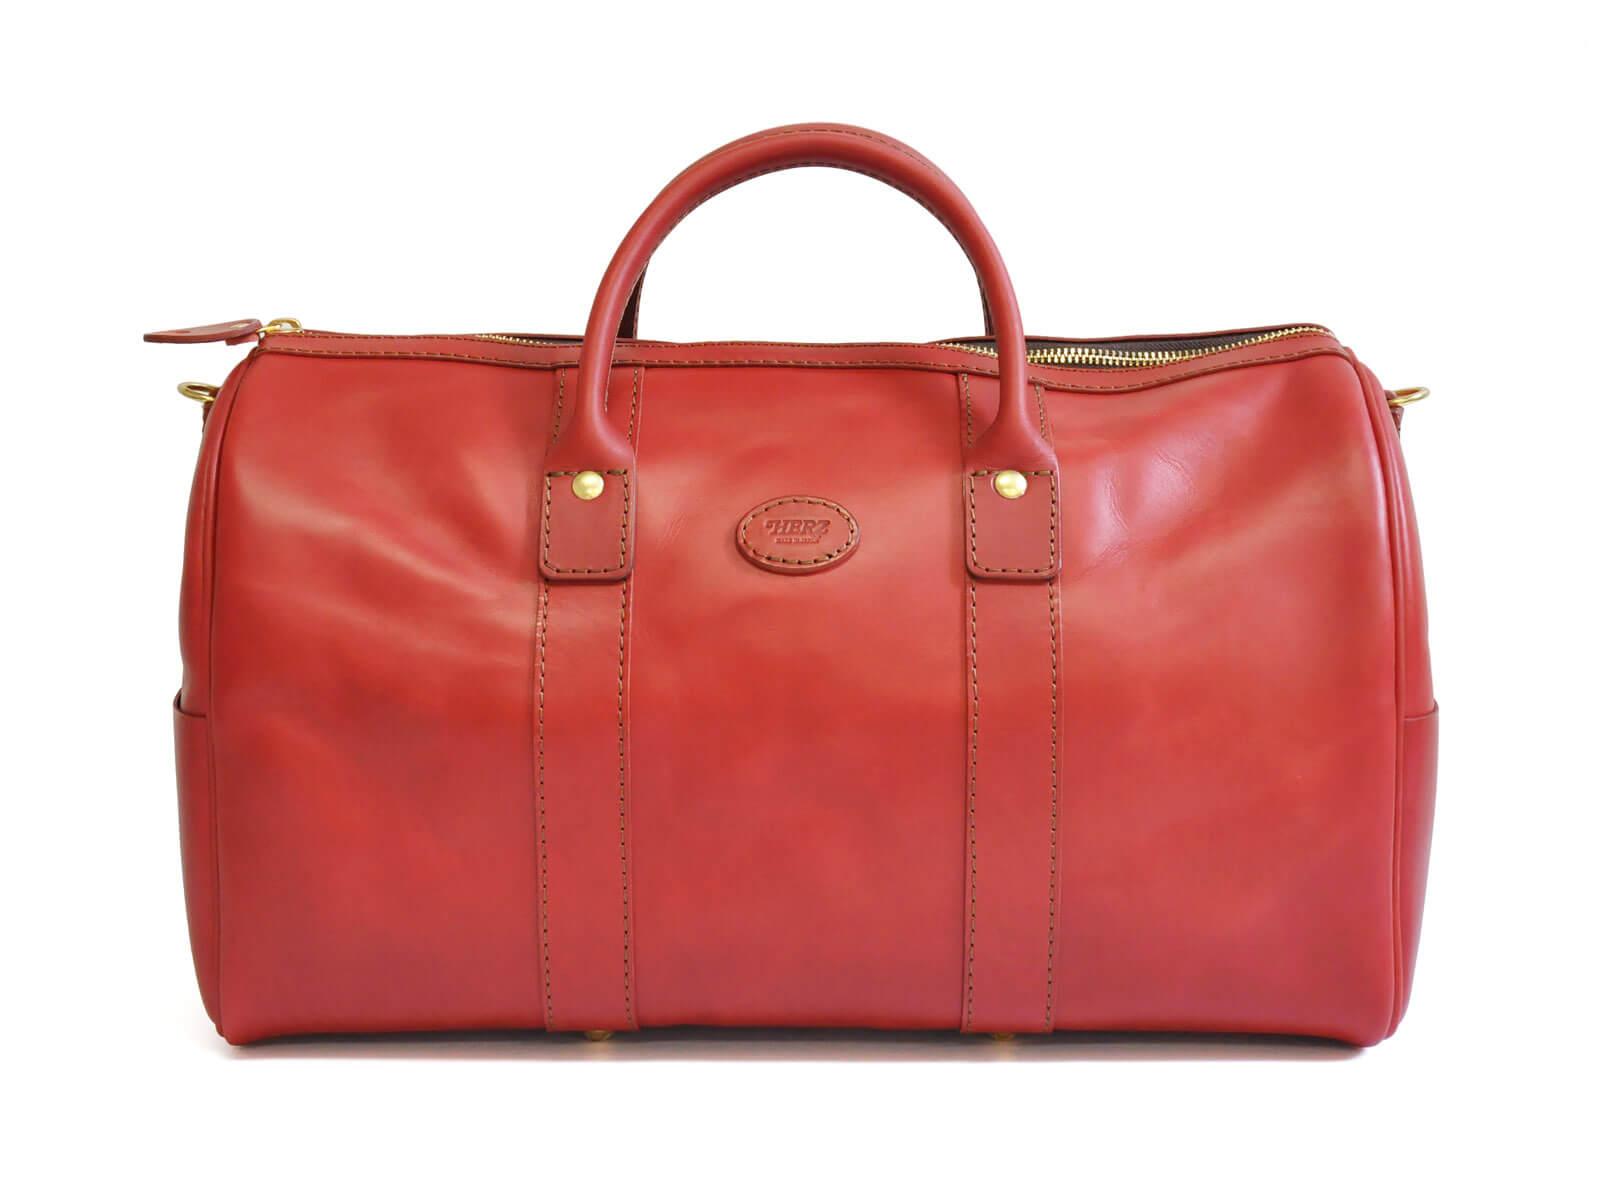 映画『探偵はBARにいる3』にHERZのボストンバッグが使用されています